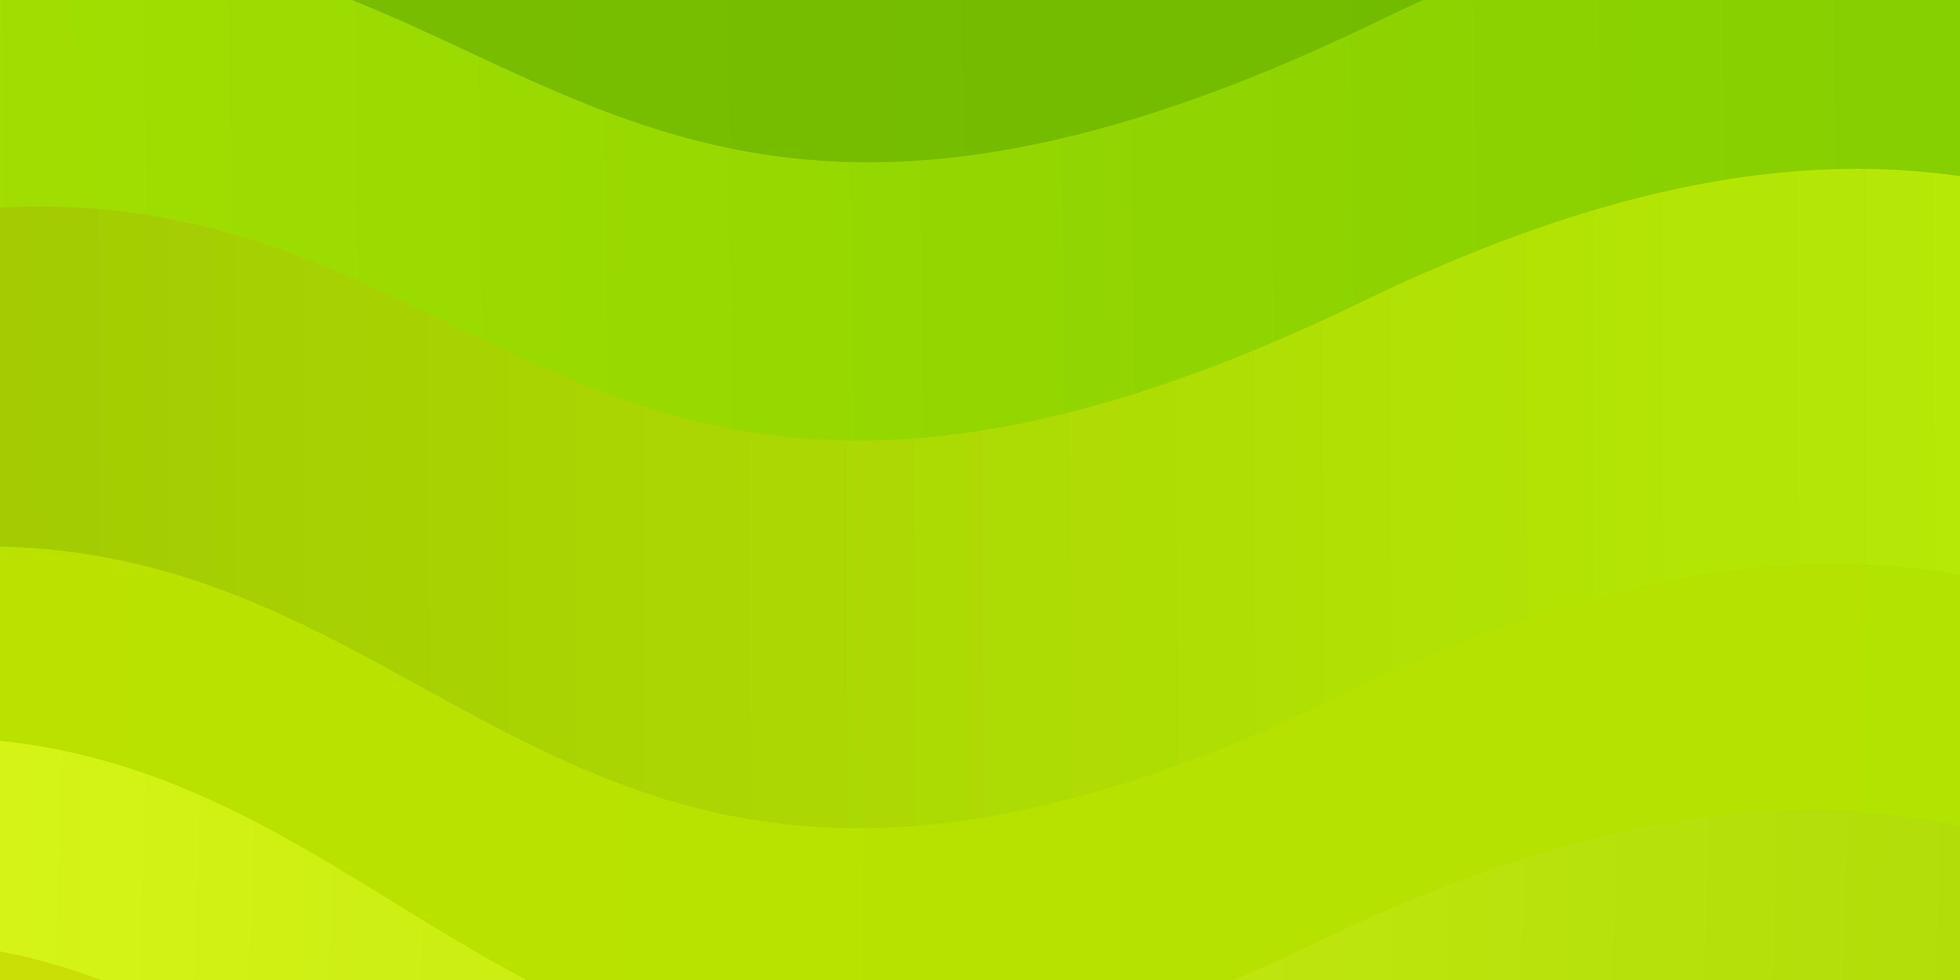 trama verde e gialla con curve. vettore